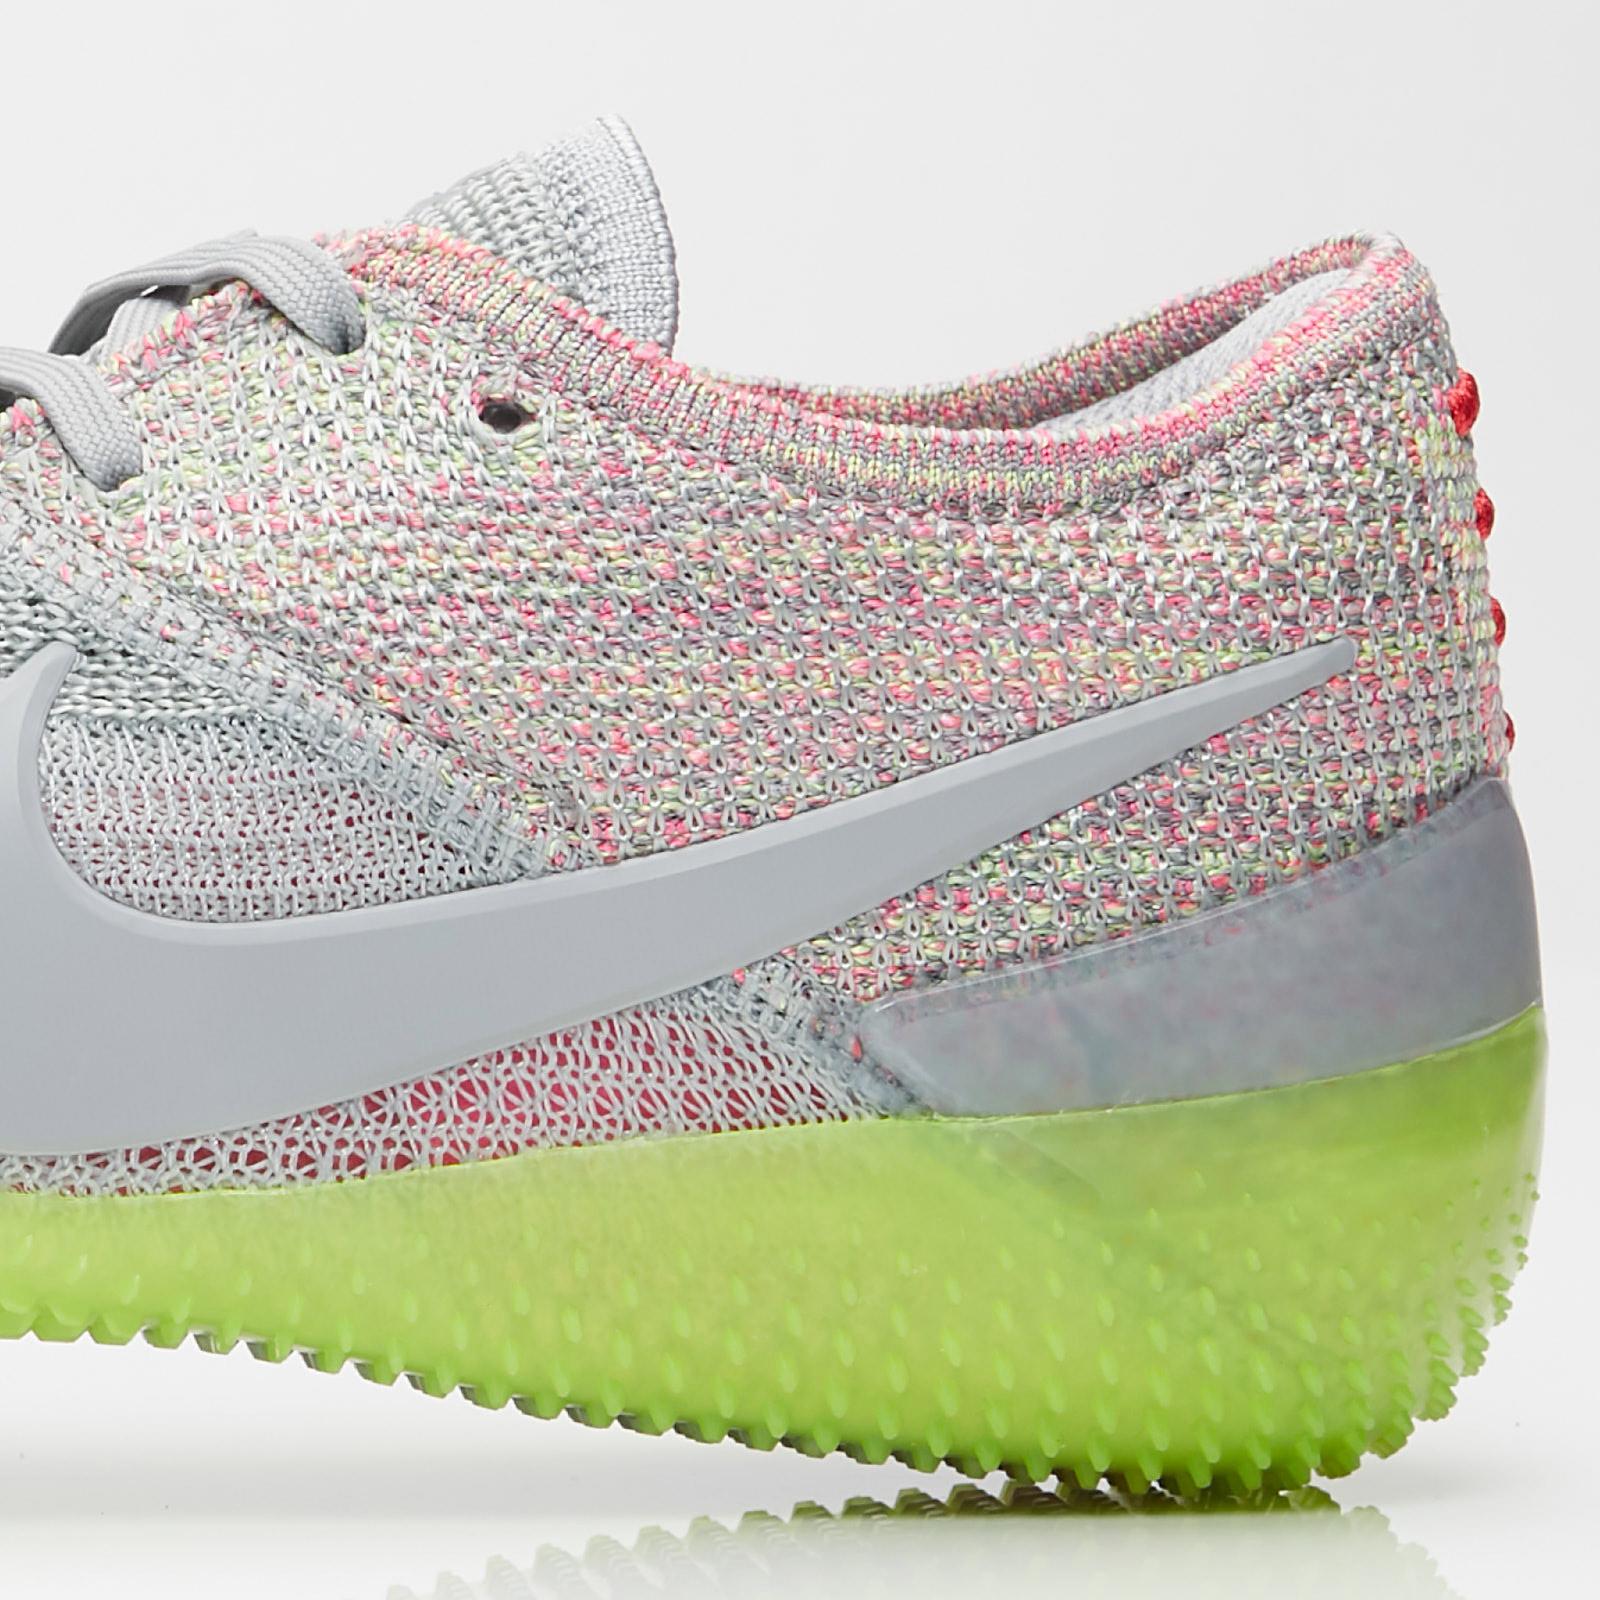 4ae893d427f Nike Kobe AD Nxt 360 - Aq1087-003 - Sneakersnstuff